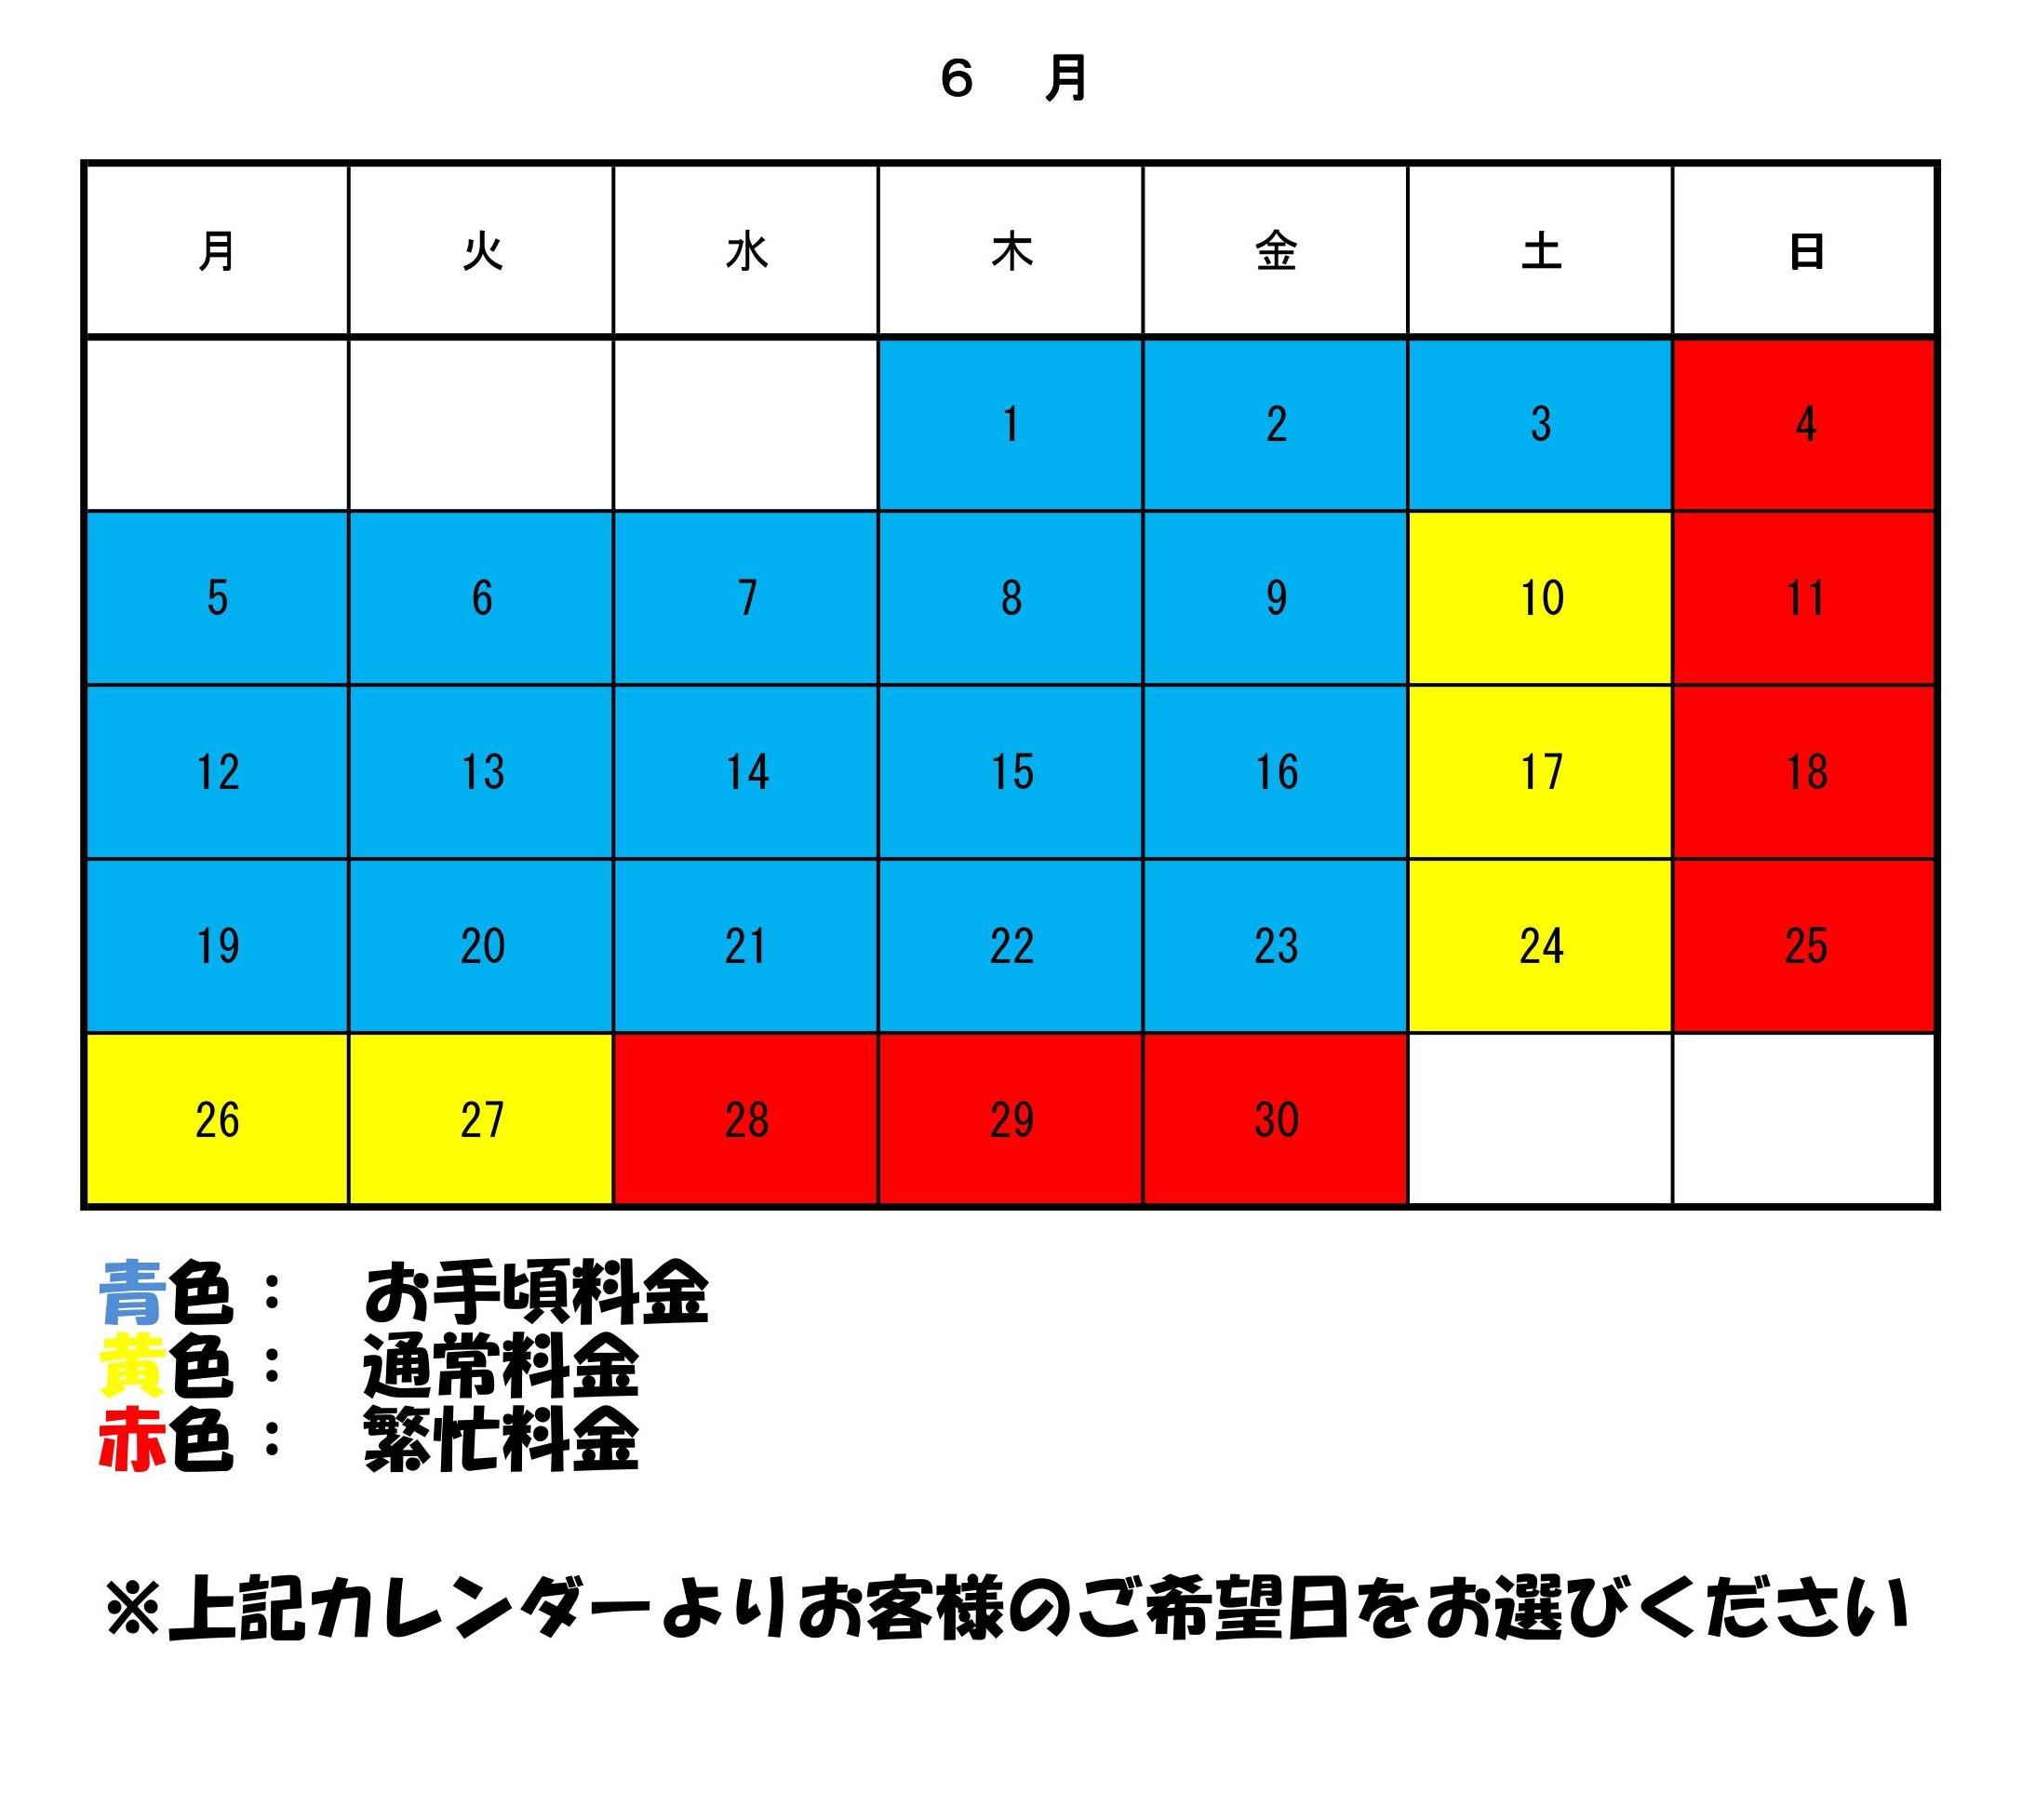 http://www.ikedapiano.co.jp/0001%20%2824%29.jpg